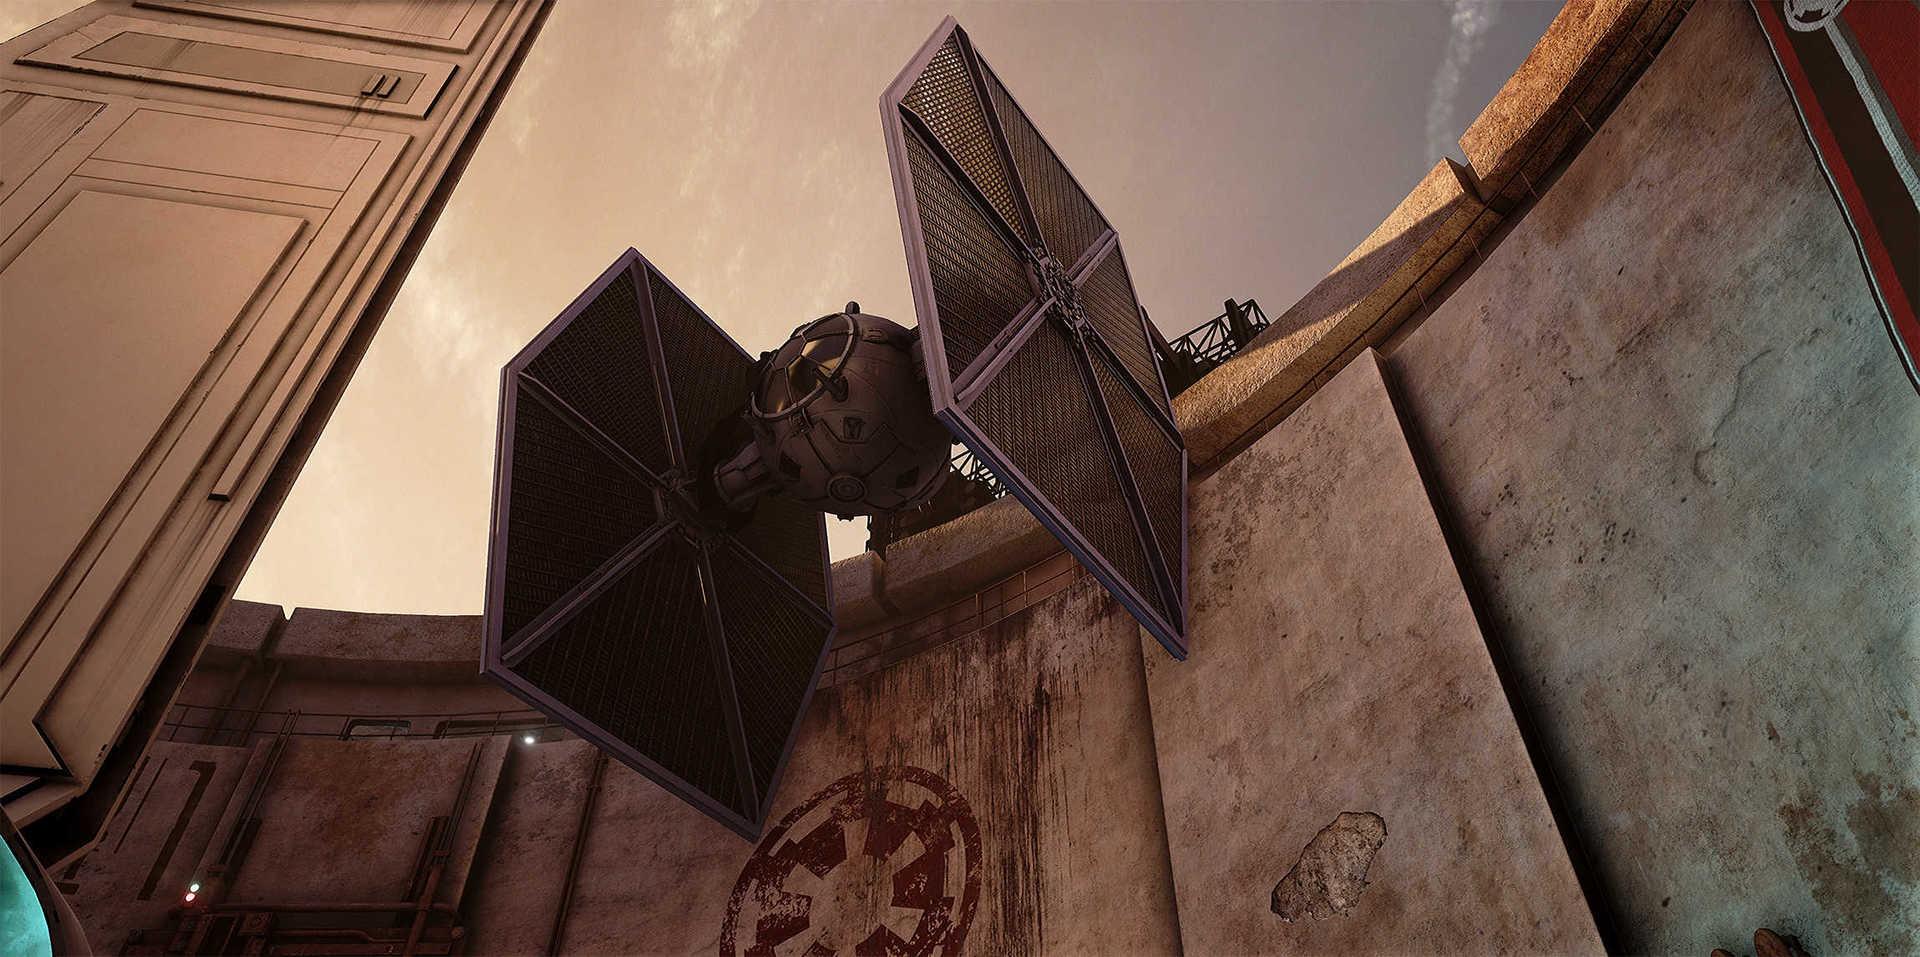 Создание сцены из Star Wars в Unreal Engine 4 - 10